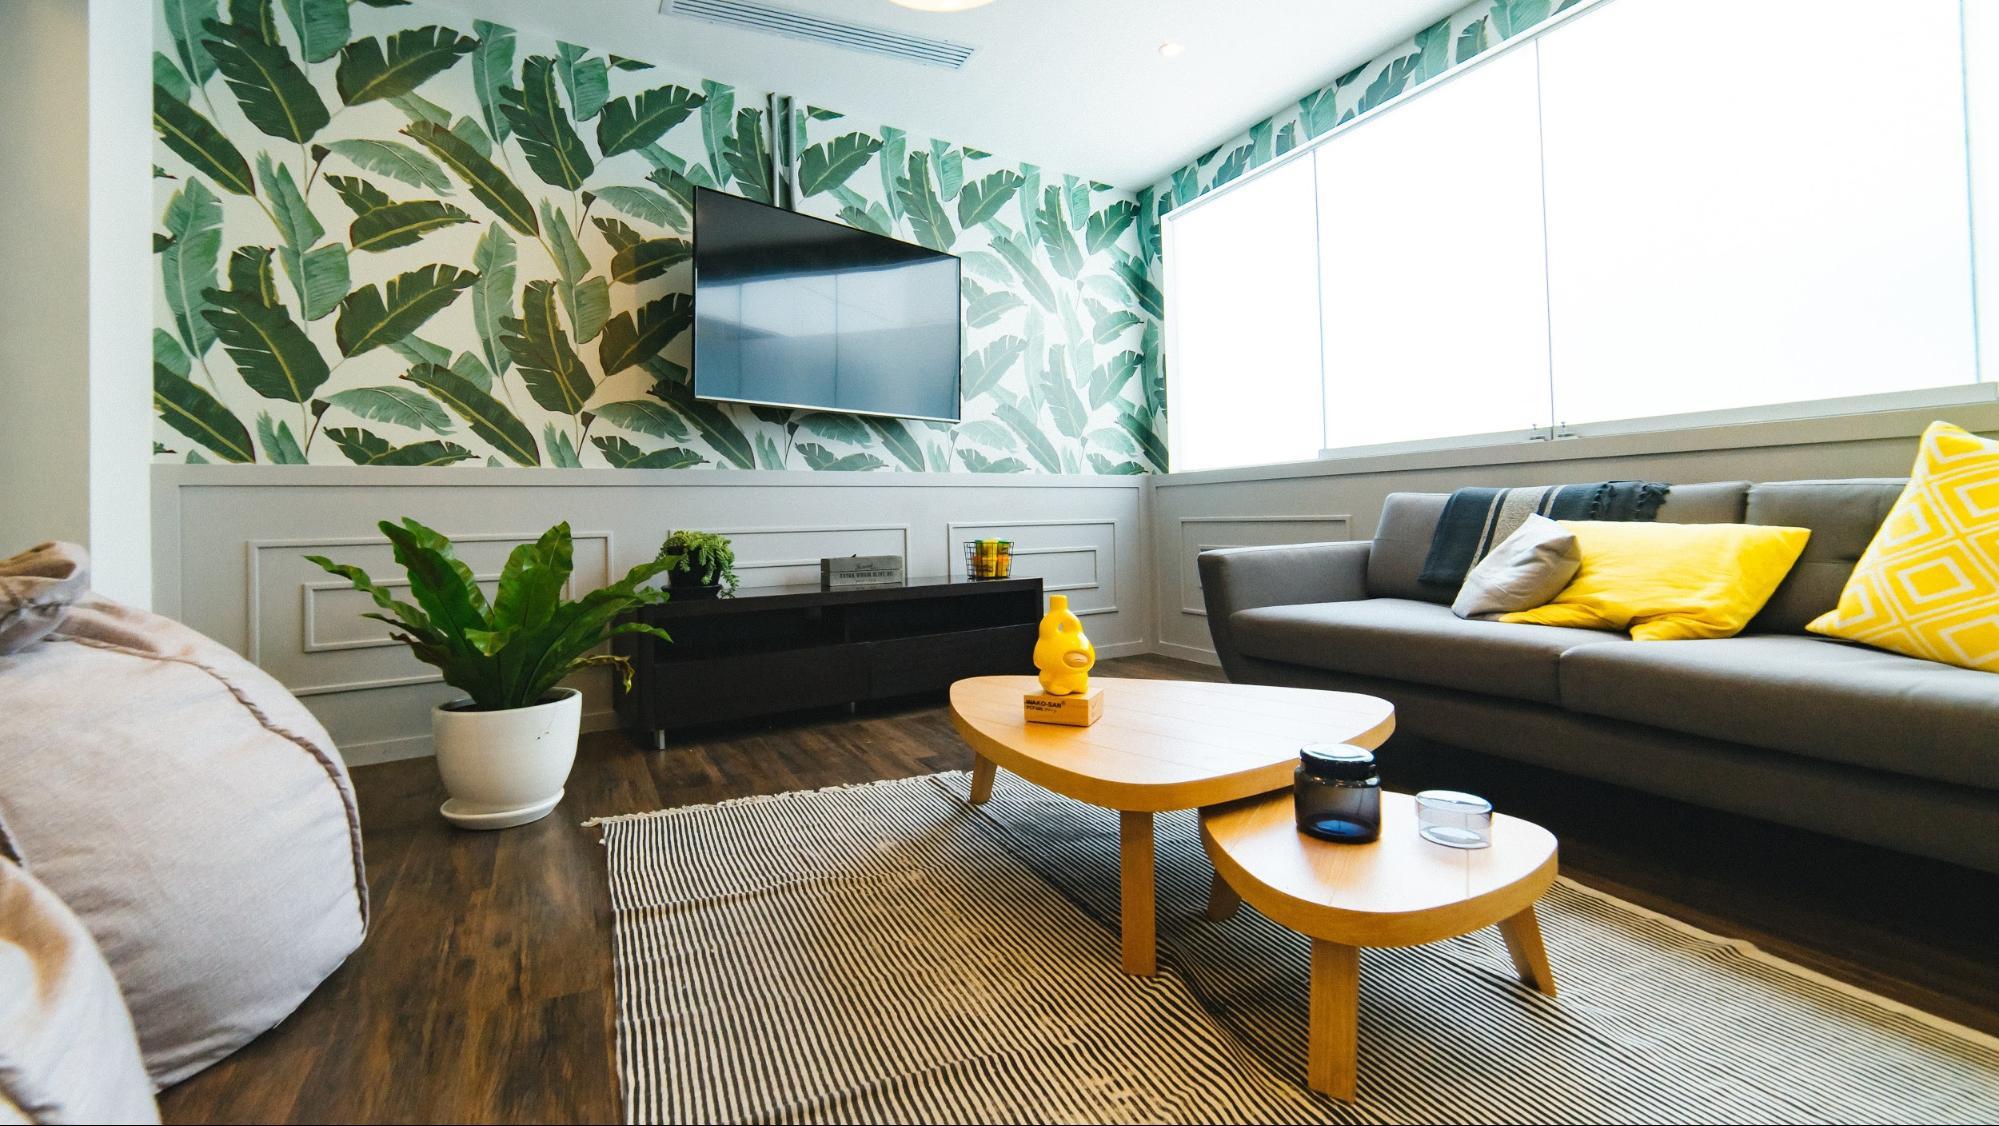 bespoke designed room